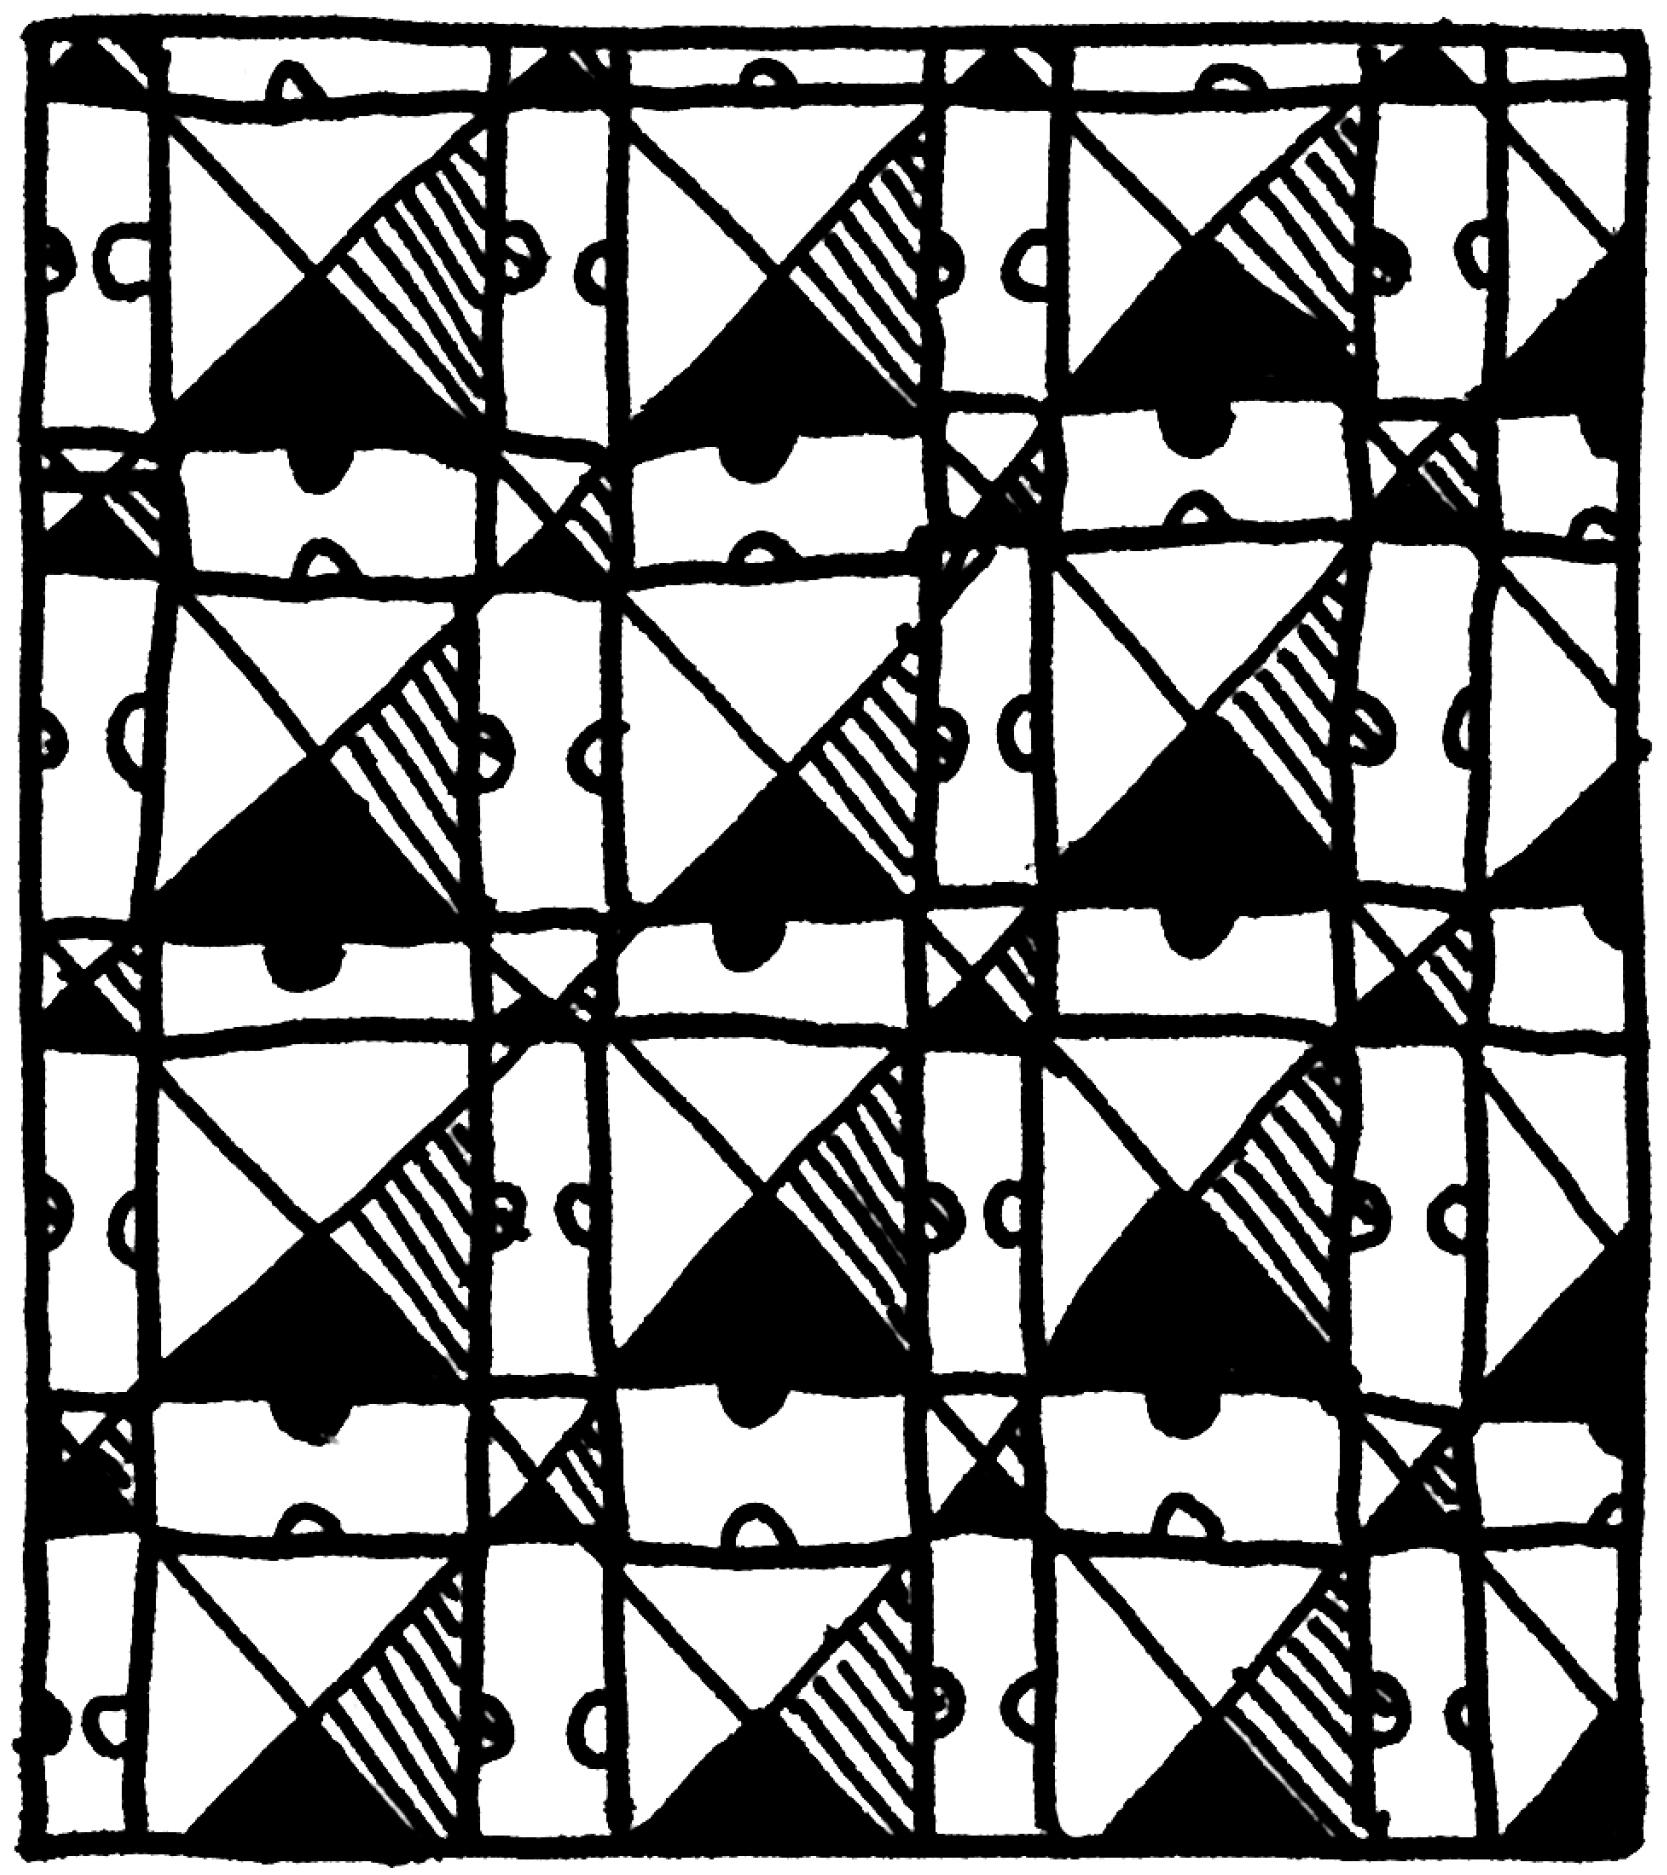 Valencia_patterns8.jpg